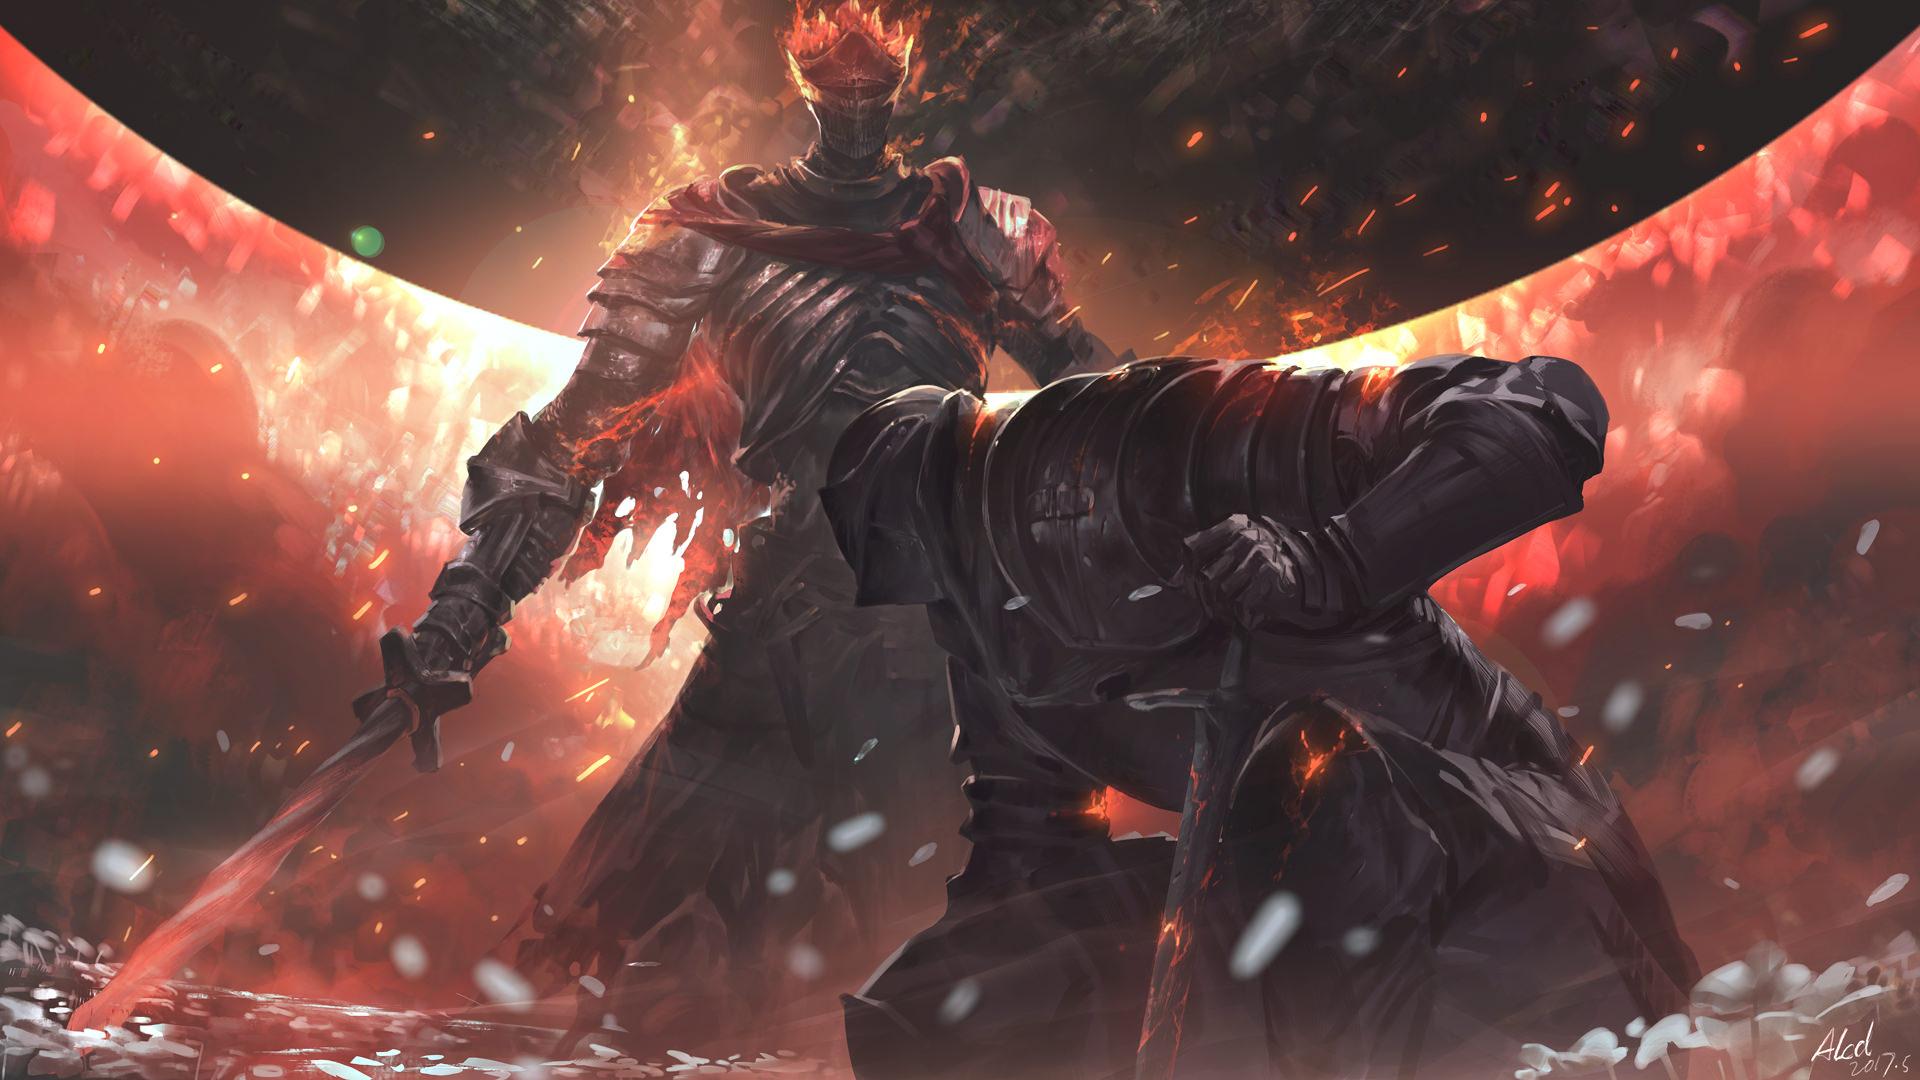 Soul Of Cinder Fan Art: Wallpaper : Dark Souls III, Video Games, RPG, Fire, Soul